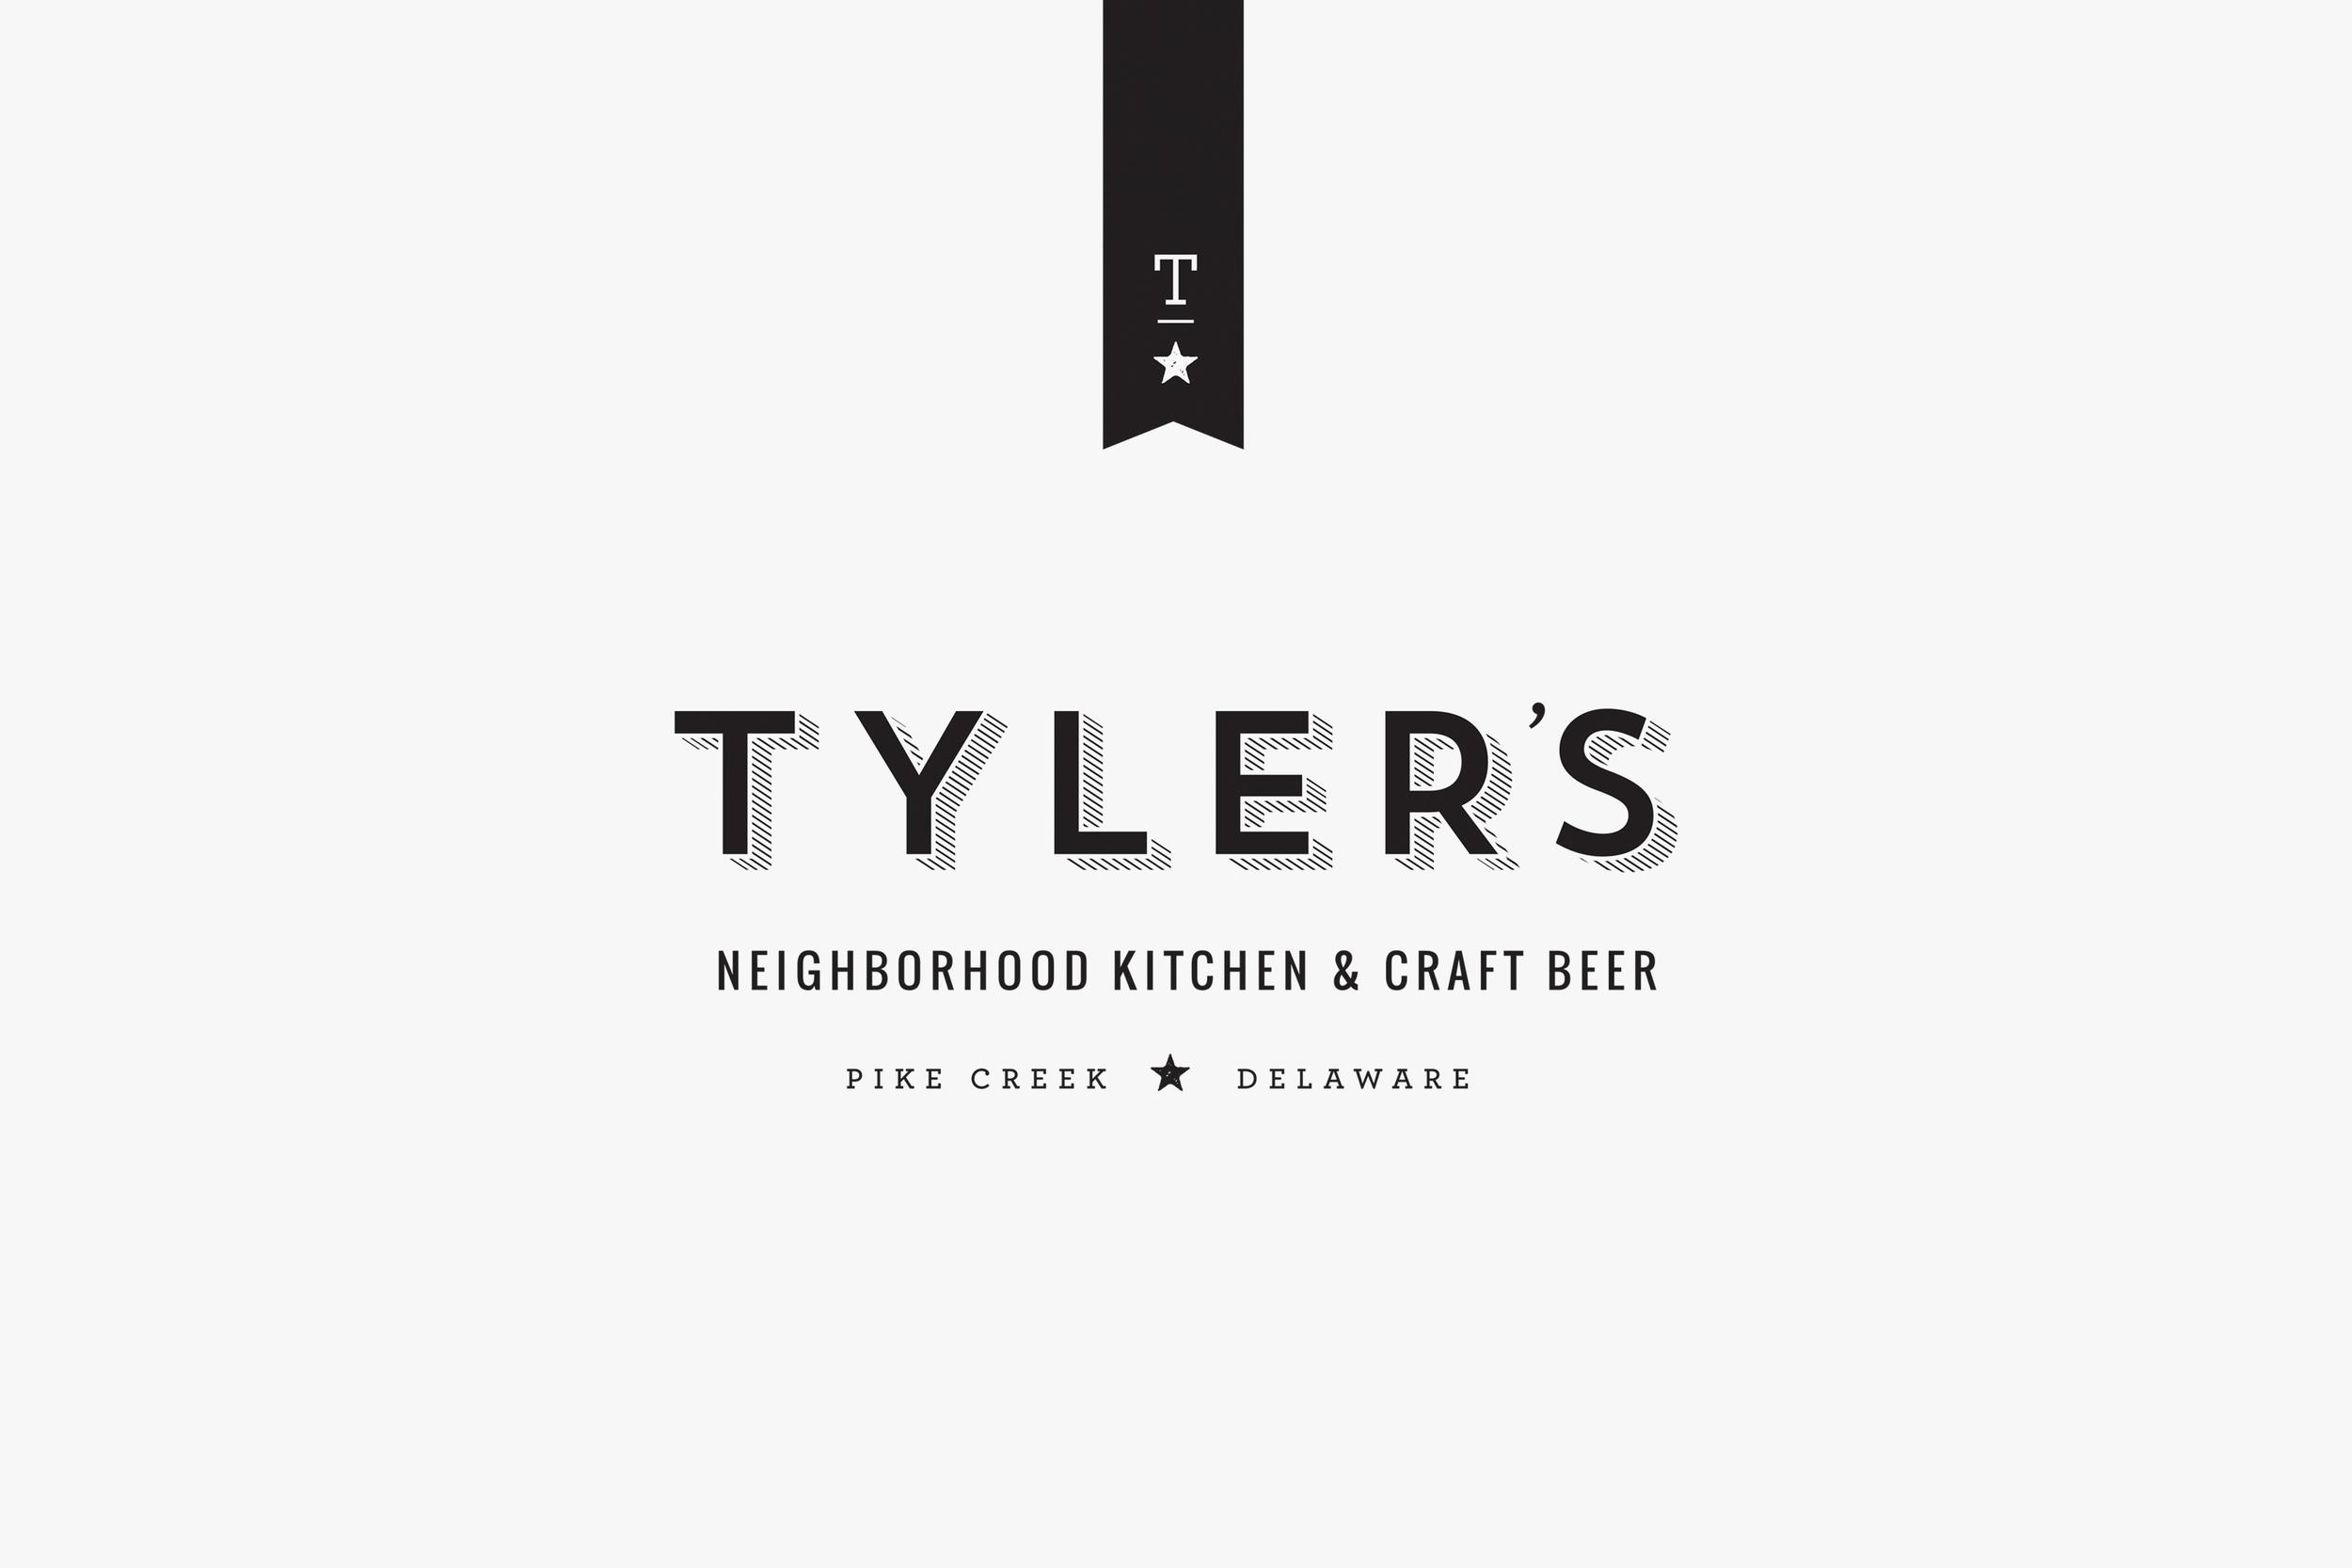 Tylers-Restaurant-Delaware-Avondale-Logo-Branding-Design.jpg